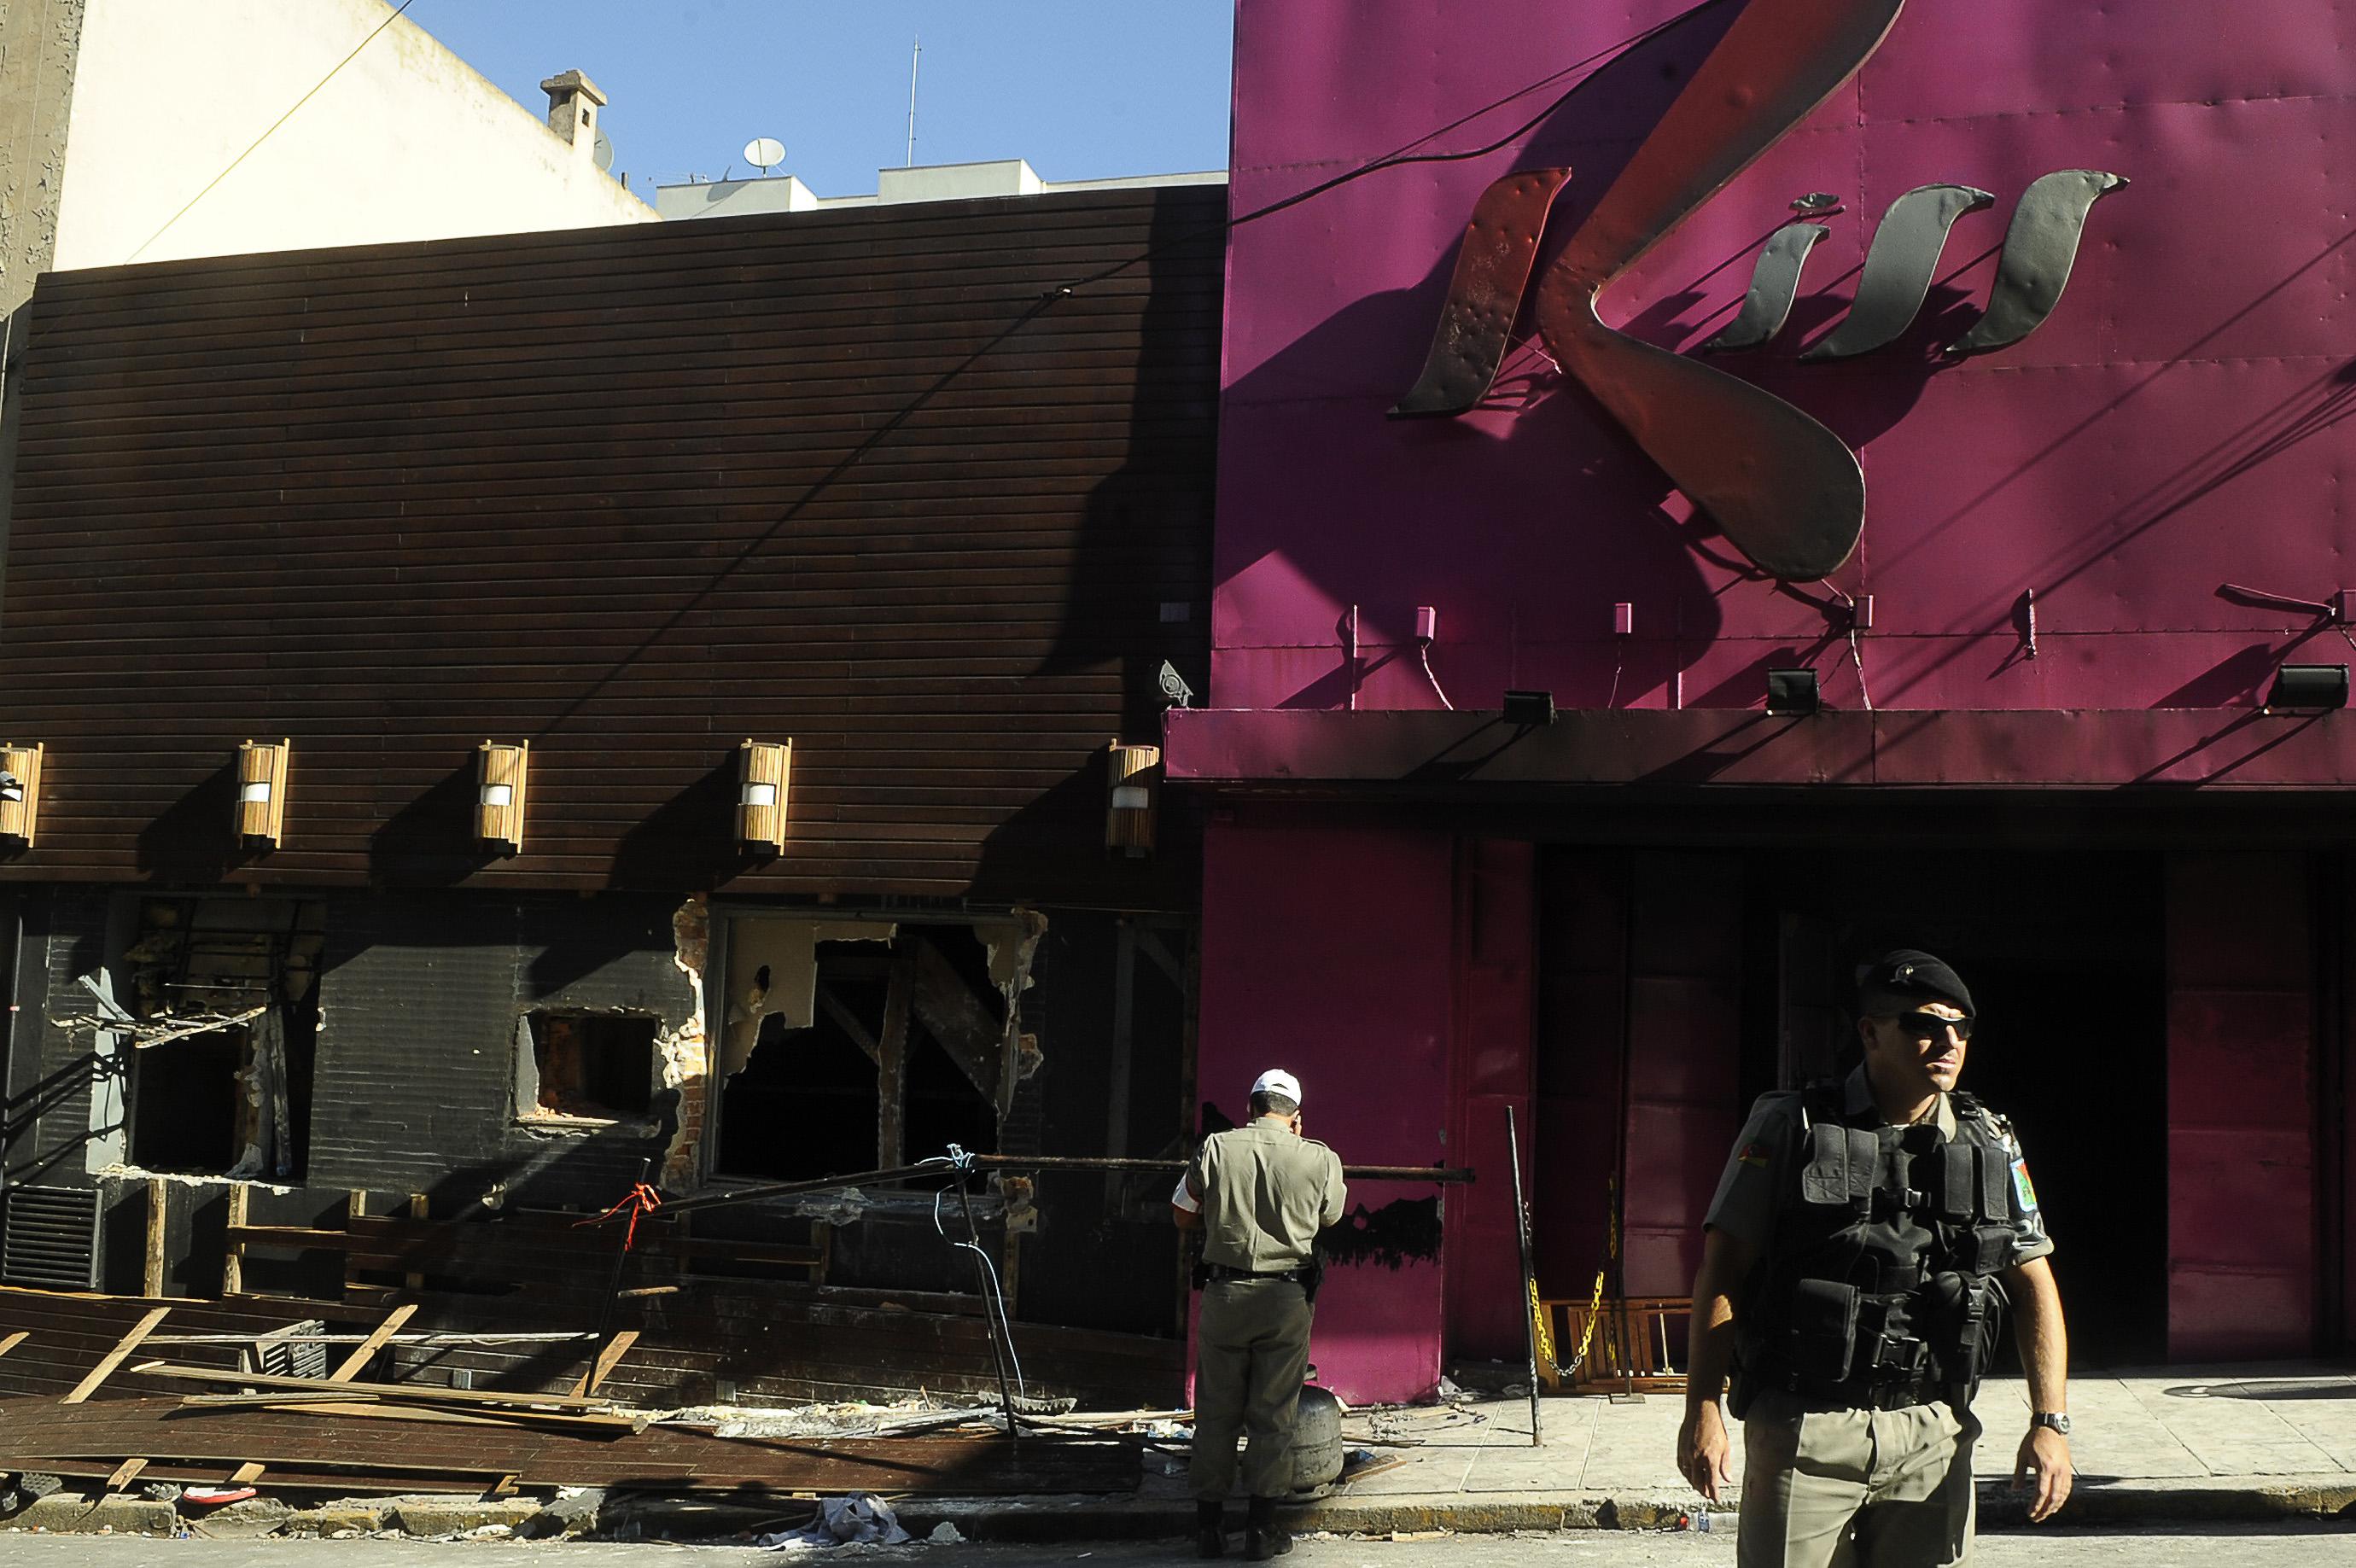 Sobrevivente da Kiss morre dois anos após tragédia | Folha Vitória